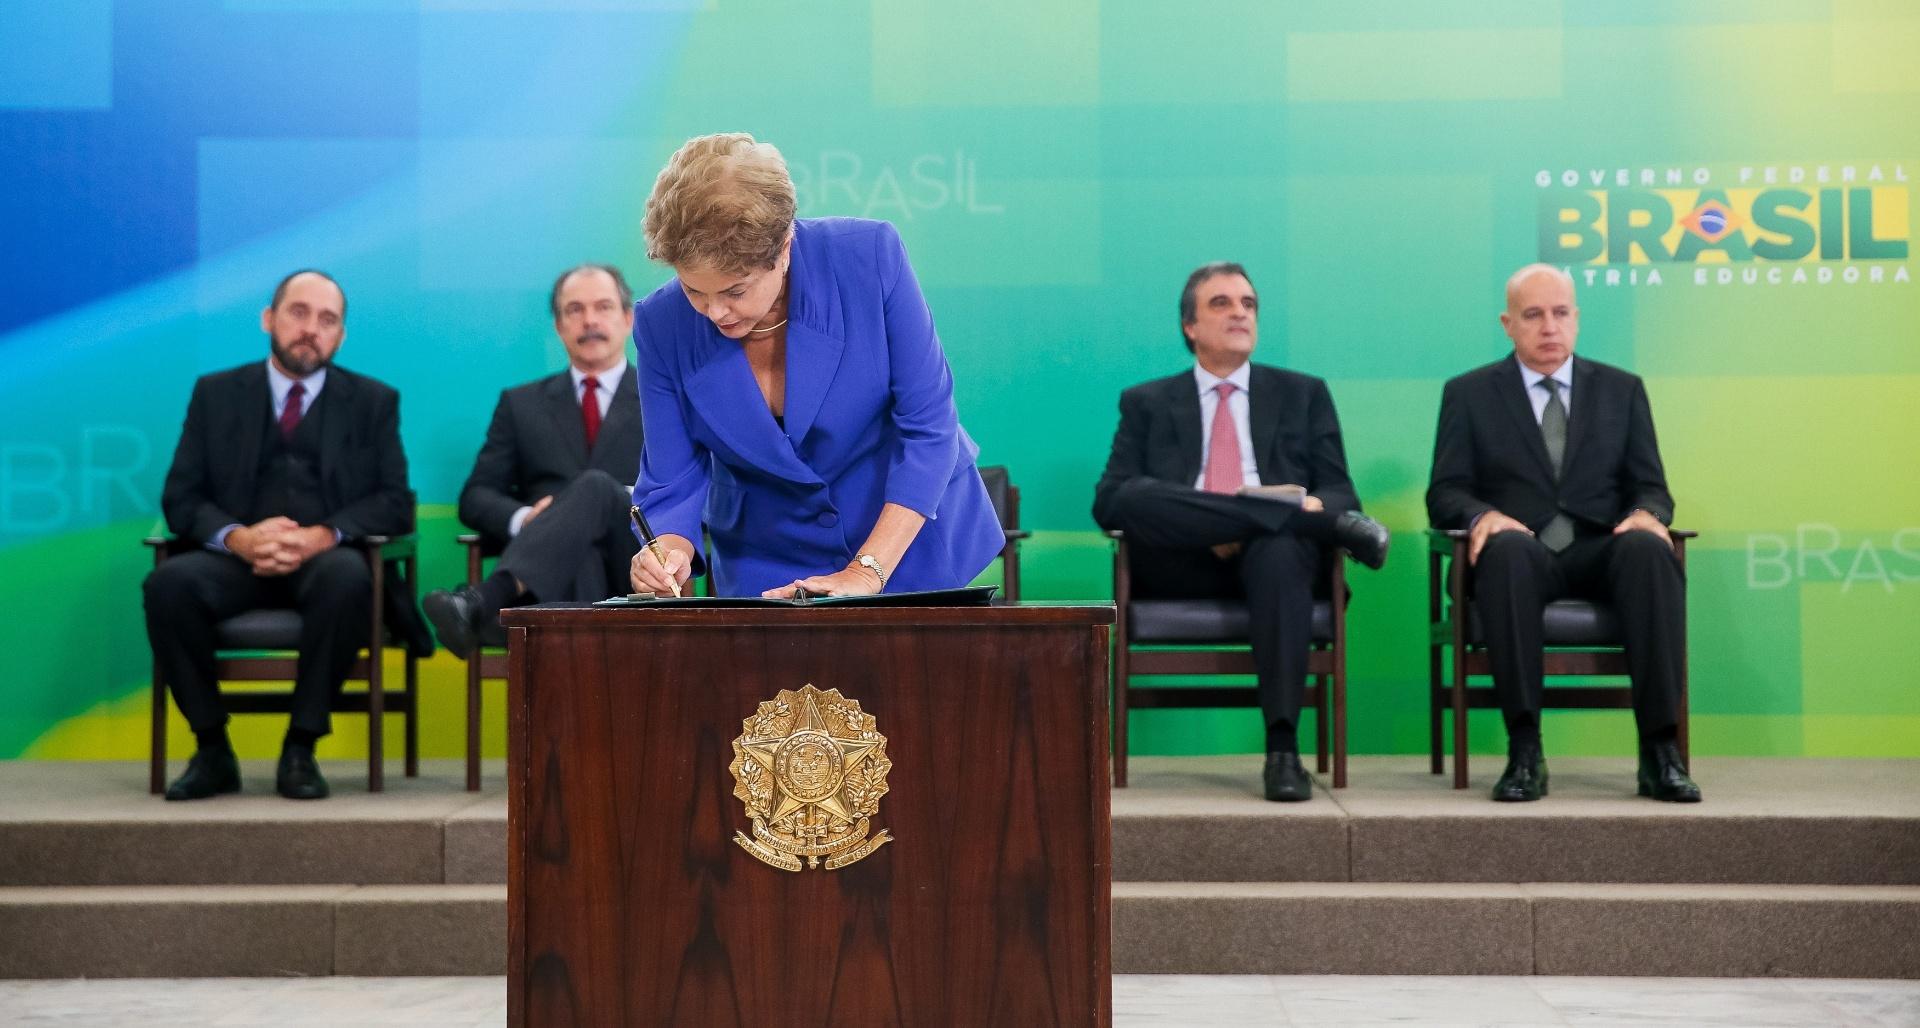 18.mar.2015 - A presidente Dilma Rousseff assina pacote anticorrupção, em Brasília, em que propõe medidas como a criminalização do caixa dois eleitoral e um projeto para que a lei da Ficha Limpa seja aplicada em todos os cargos de confiança no âmbito federal